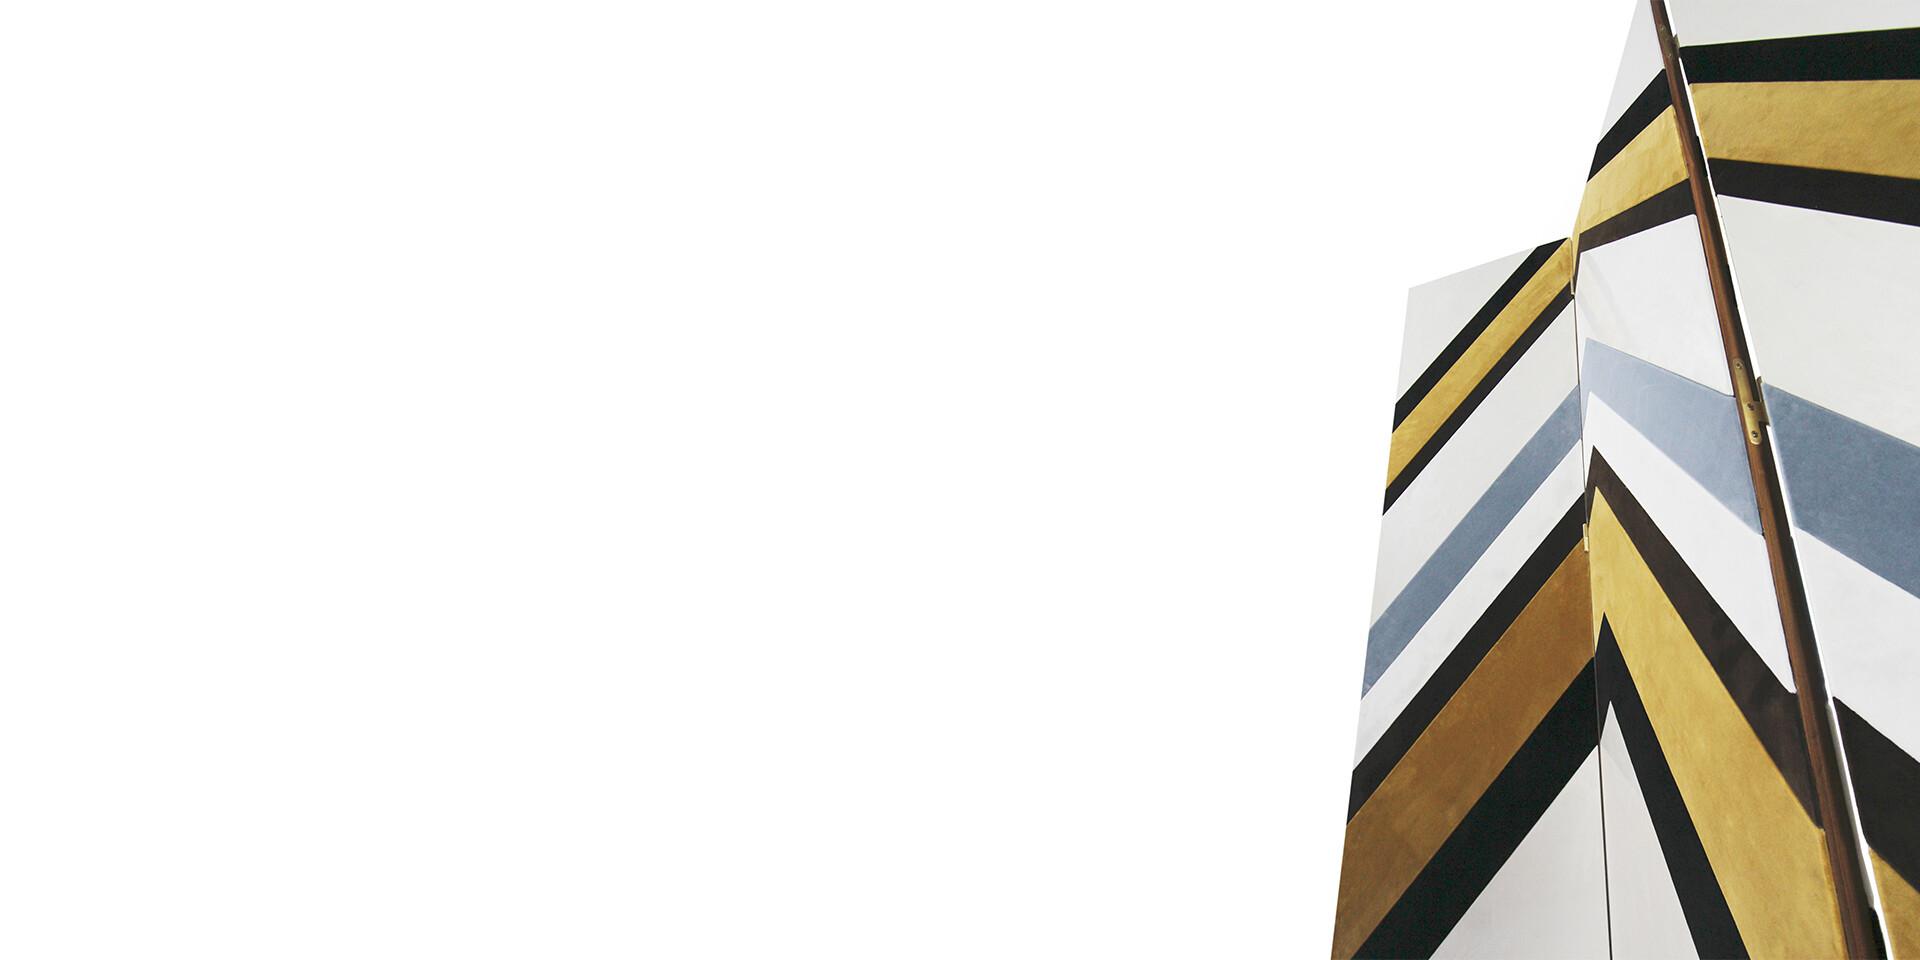 SONINKE FOLDING SCREEN detail top stucco view ALMA de LUCE